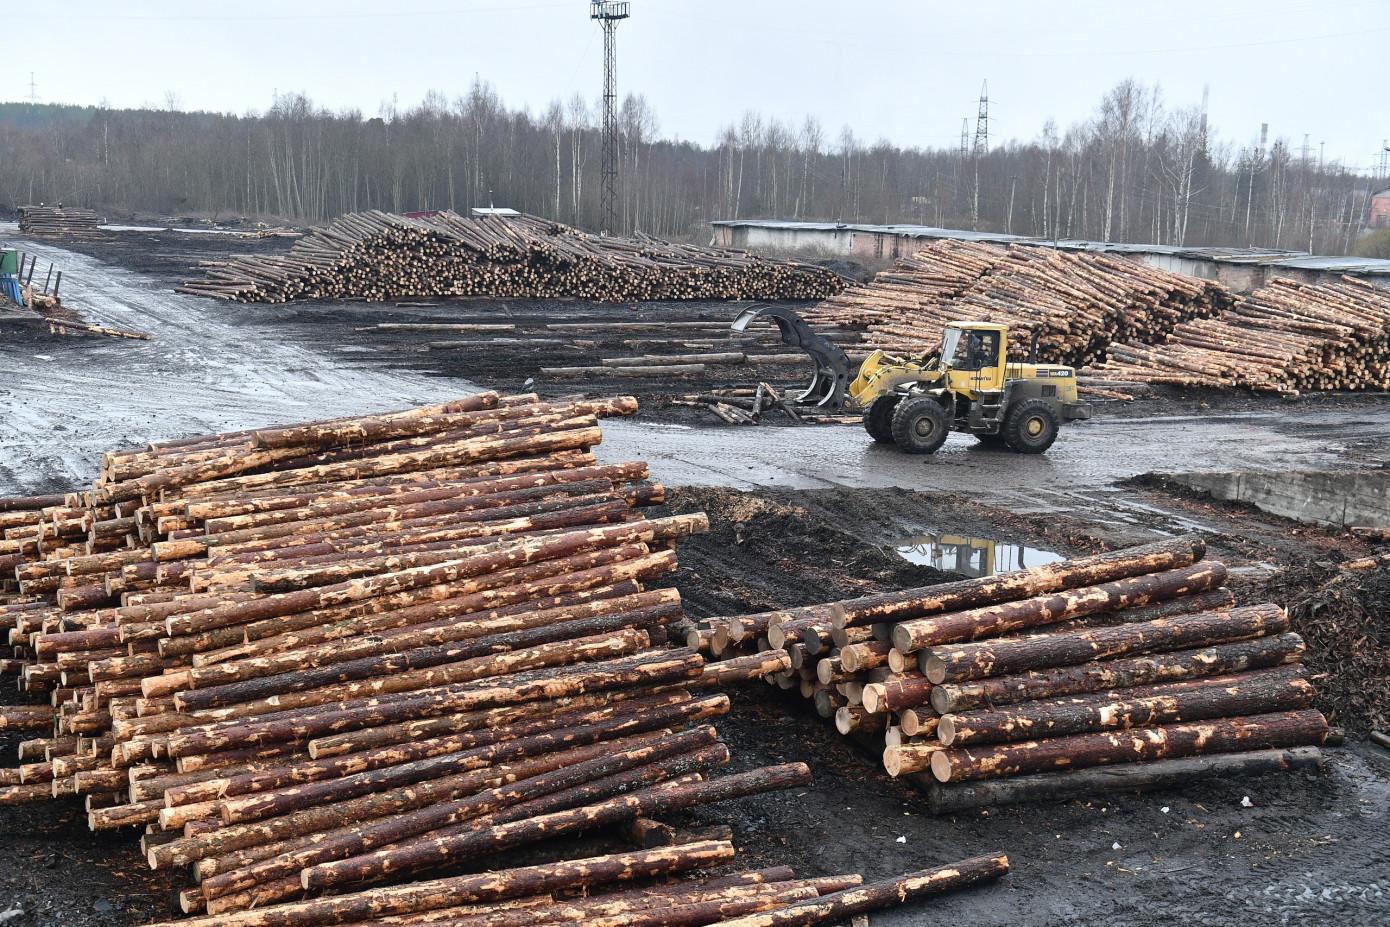 В 1 кв. 2020 г. на Кондопожском лесопильно-экспортном заводе начнется строительство двух новых цехов